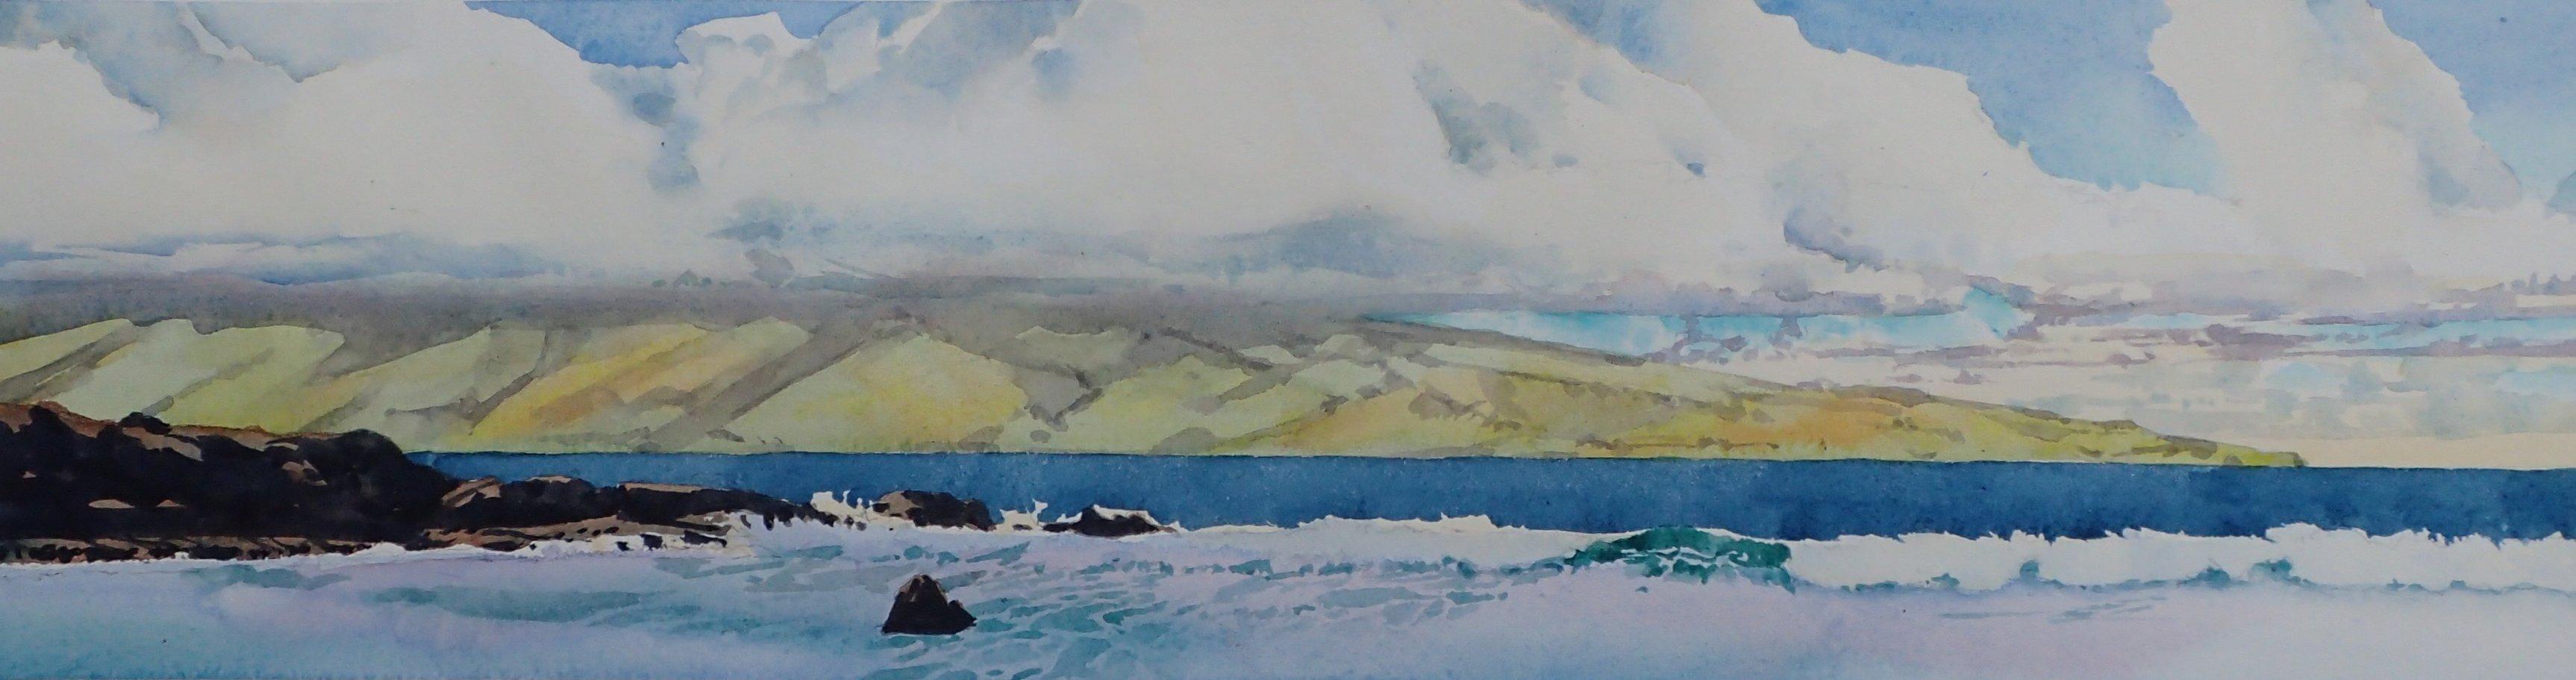 Molokai from Mokuleia Beach